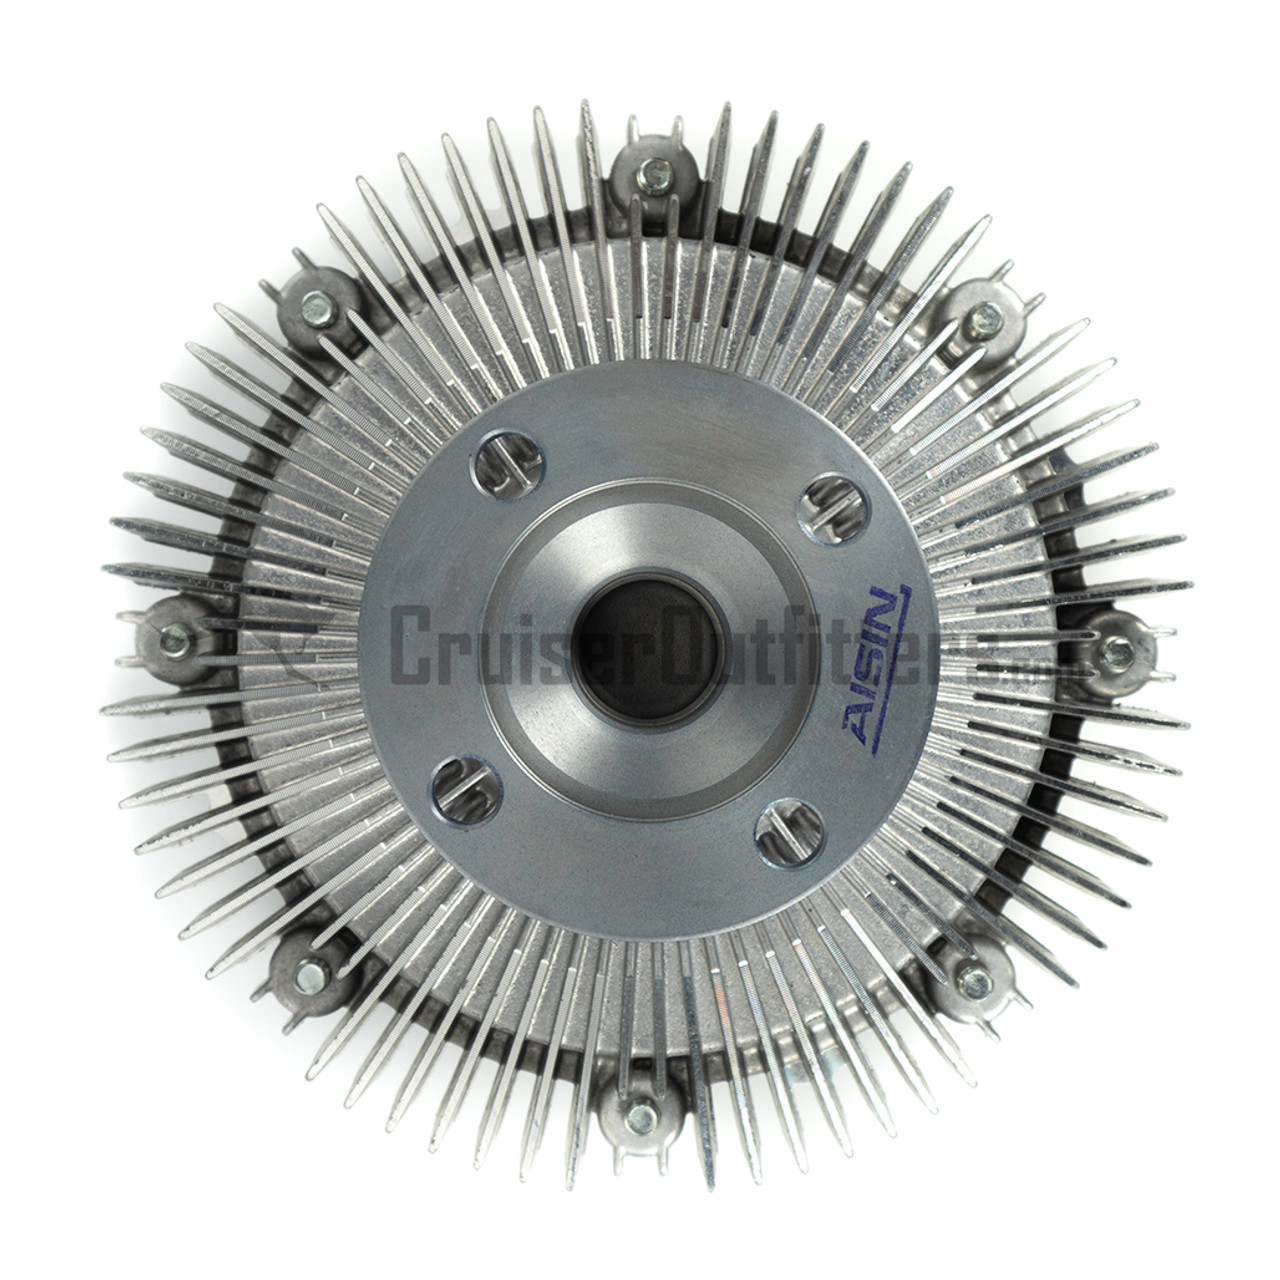 Fan Clutch - AISIN - Fits KZJ7x/HiLux (Check Vin) (FAN67010)